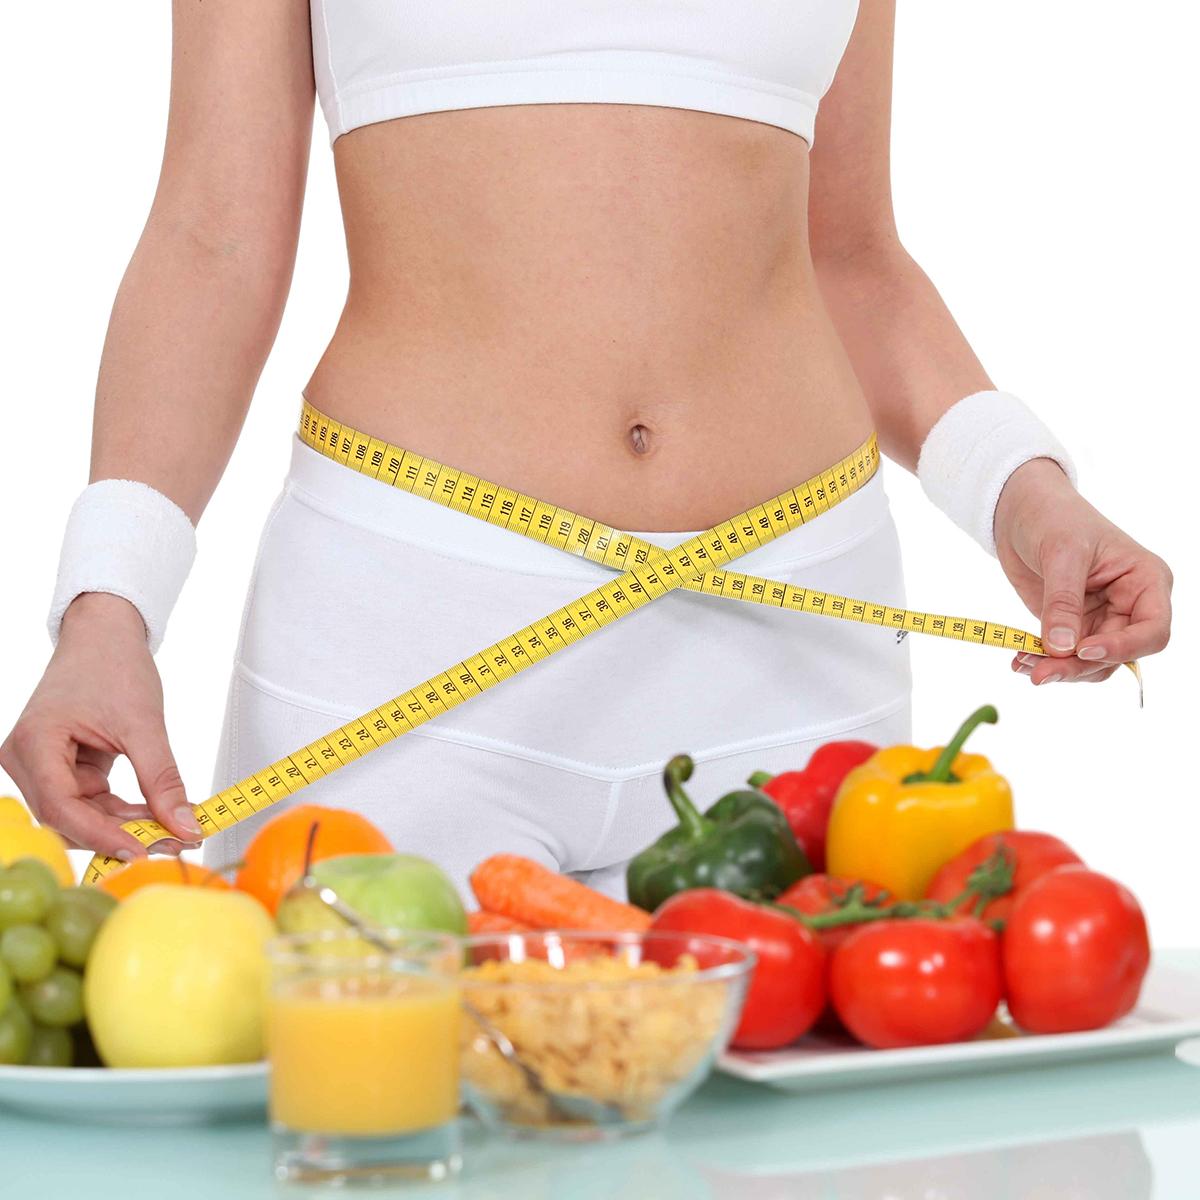 Диета Для Всего Тела Пп. Меню ПП на неделю для похудения. Таблица с рецептами из простых продуктов, примерный рацион питания на 1000, 1200, 1500 калорий в день